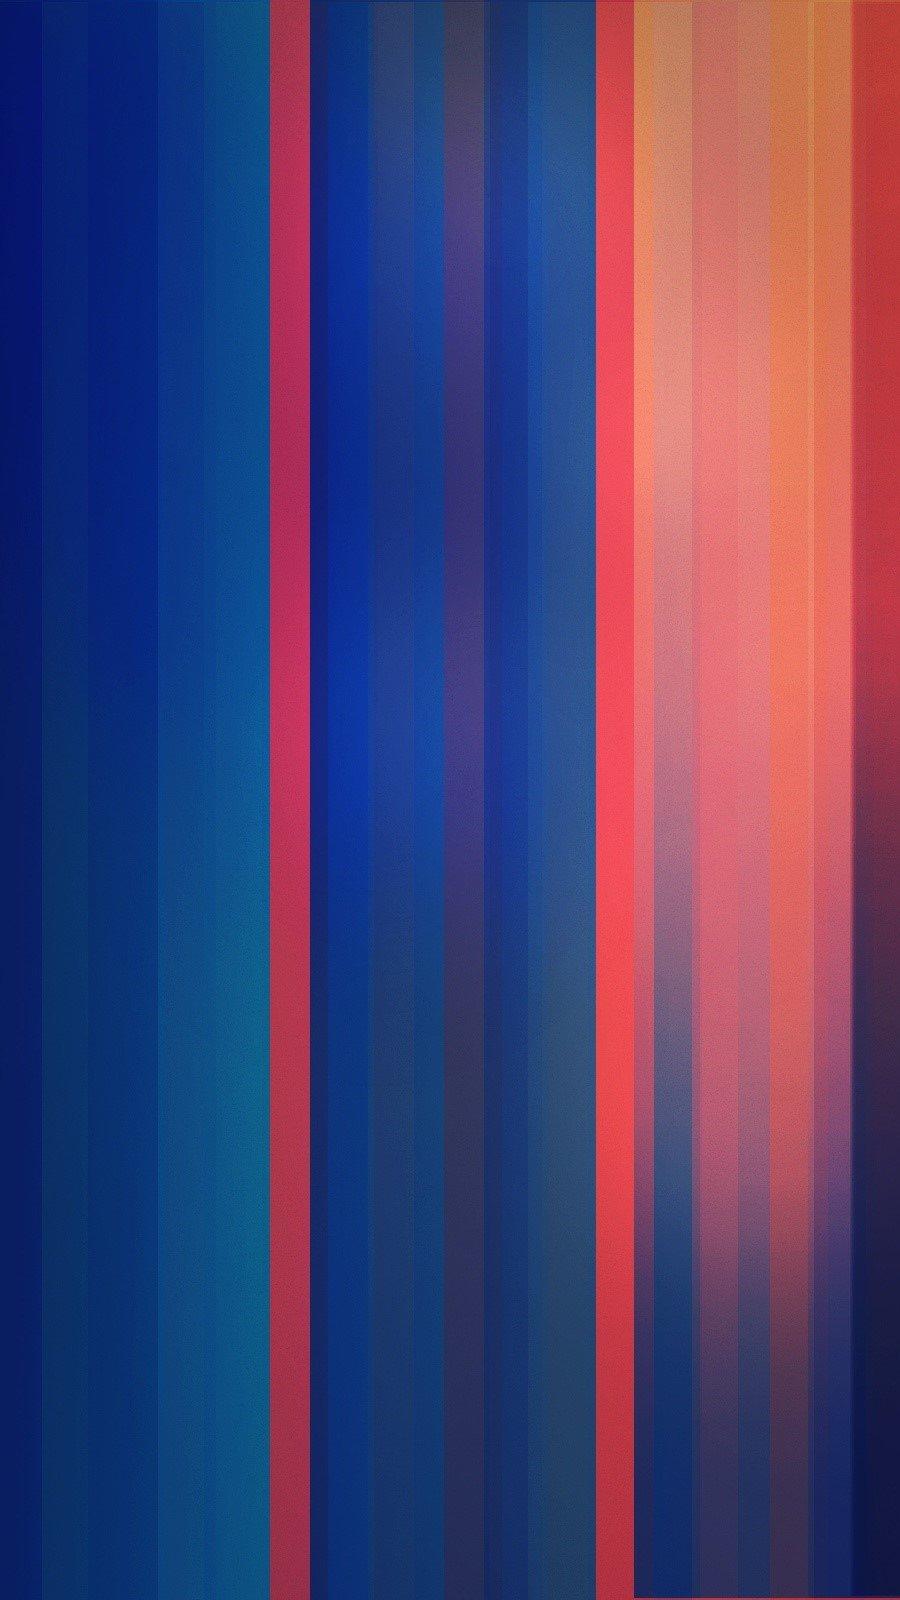 Fondos de pantalla Rayas coloridas Vertical